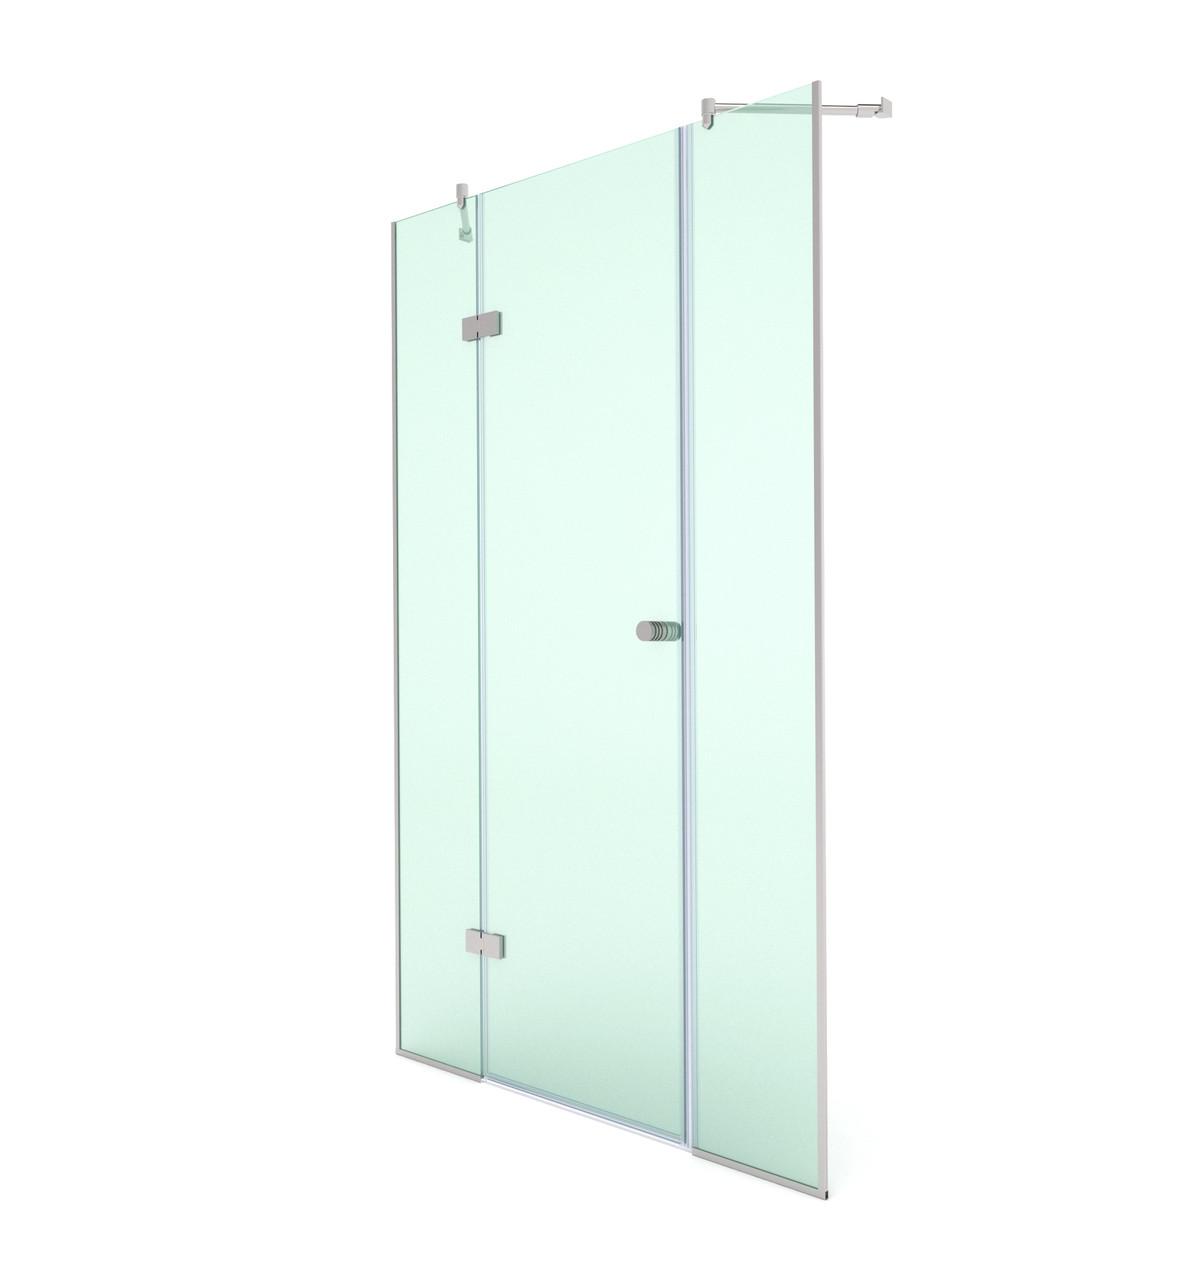 Стеклянные двери для душевой, модели SD-02-05